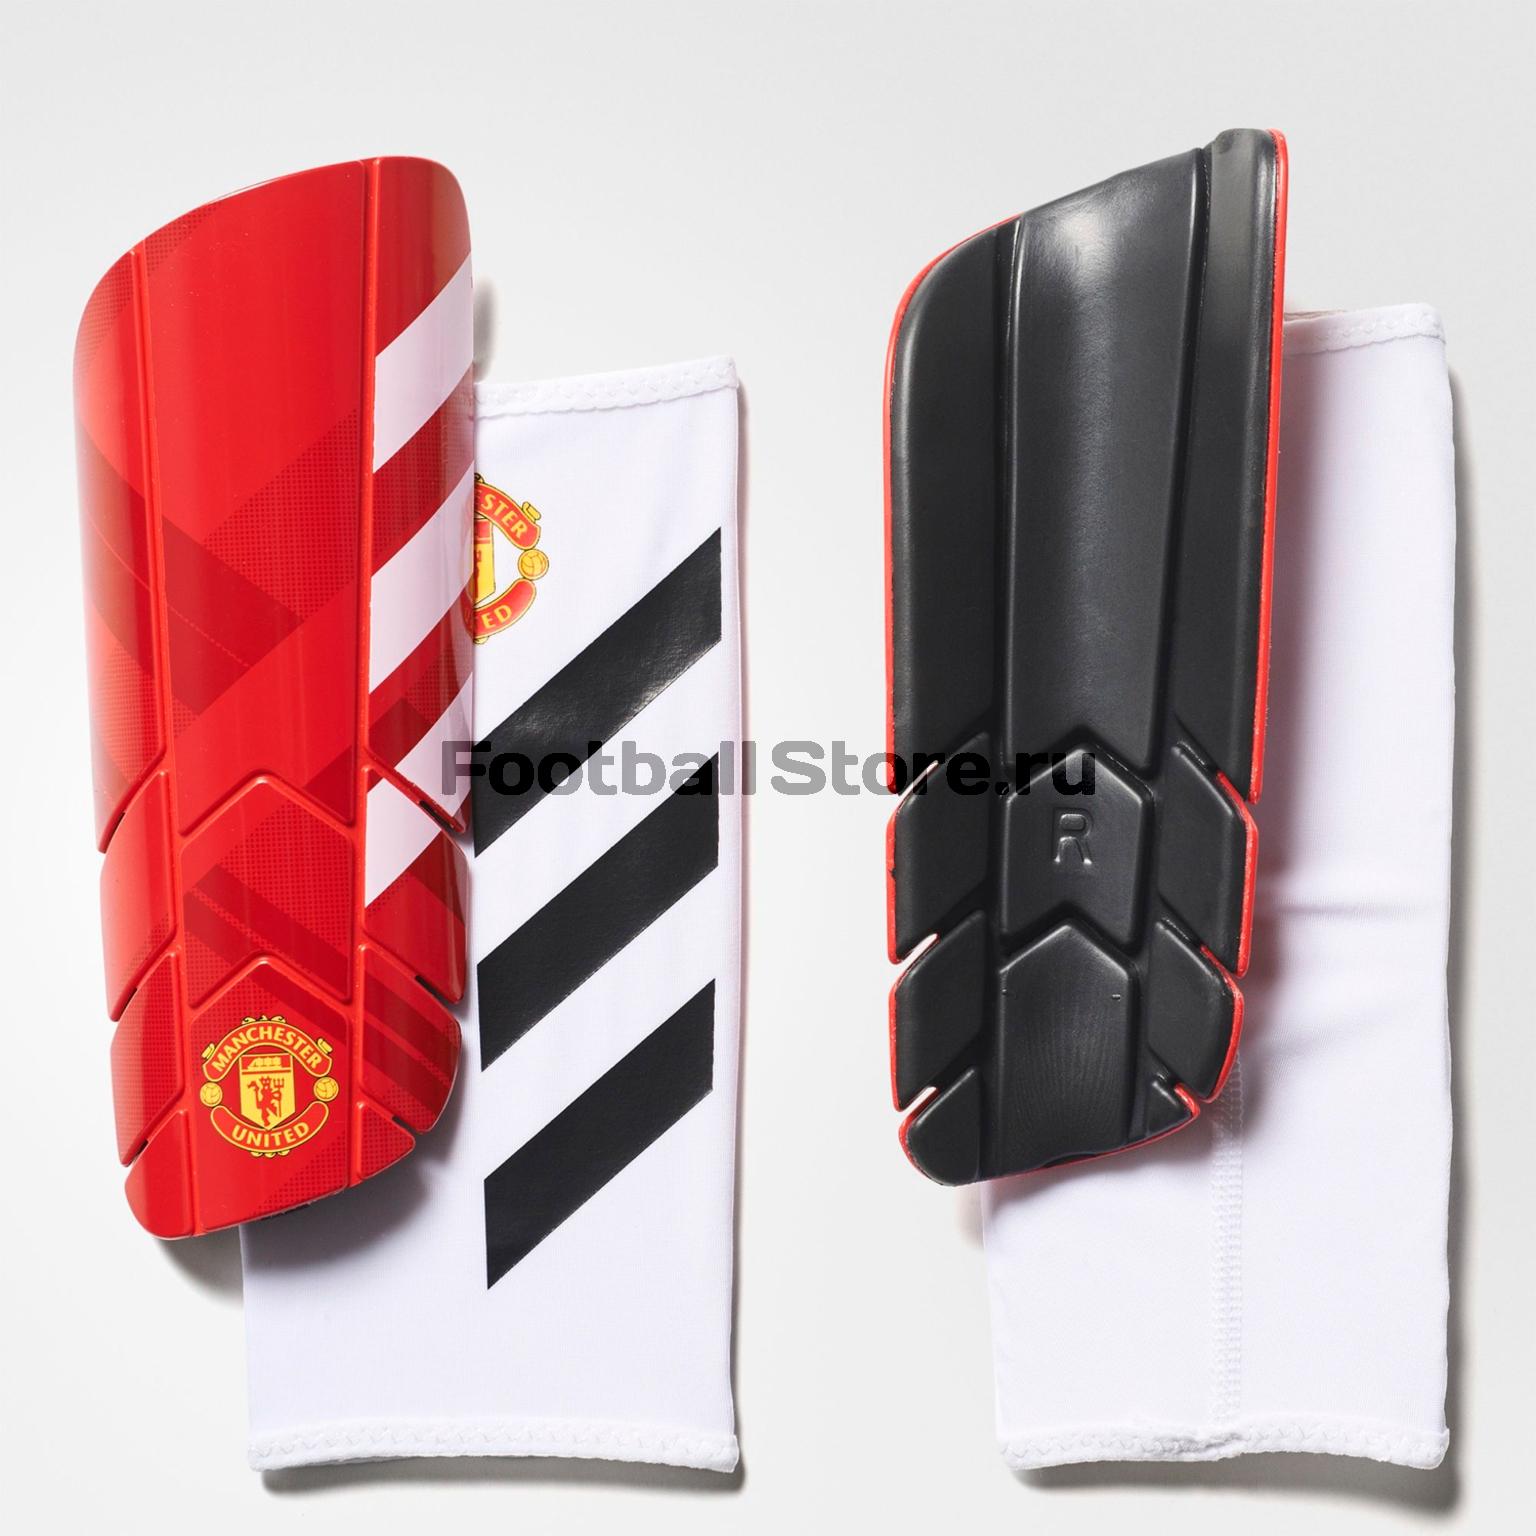 Защита ног Adidas Щитки футбольные Adidas Manchester United Pro Lite BR5314